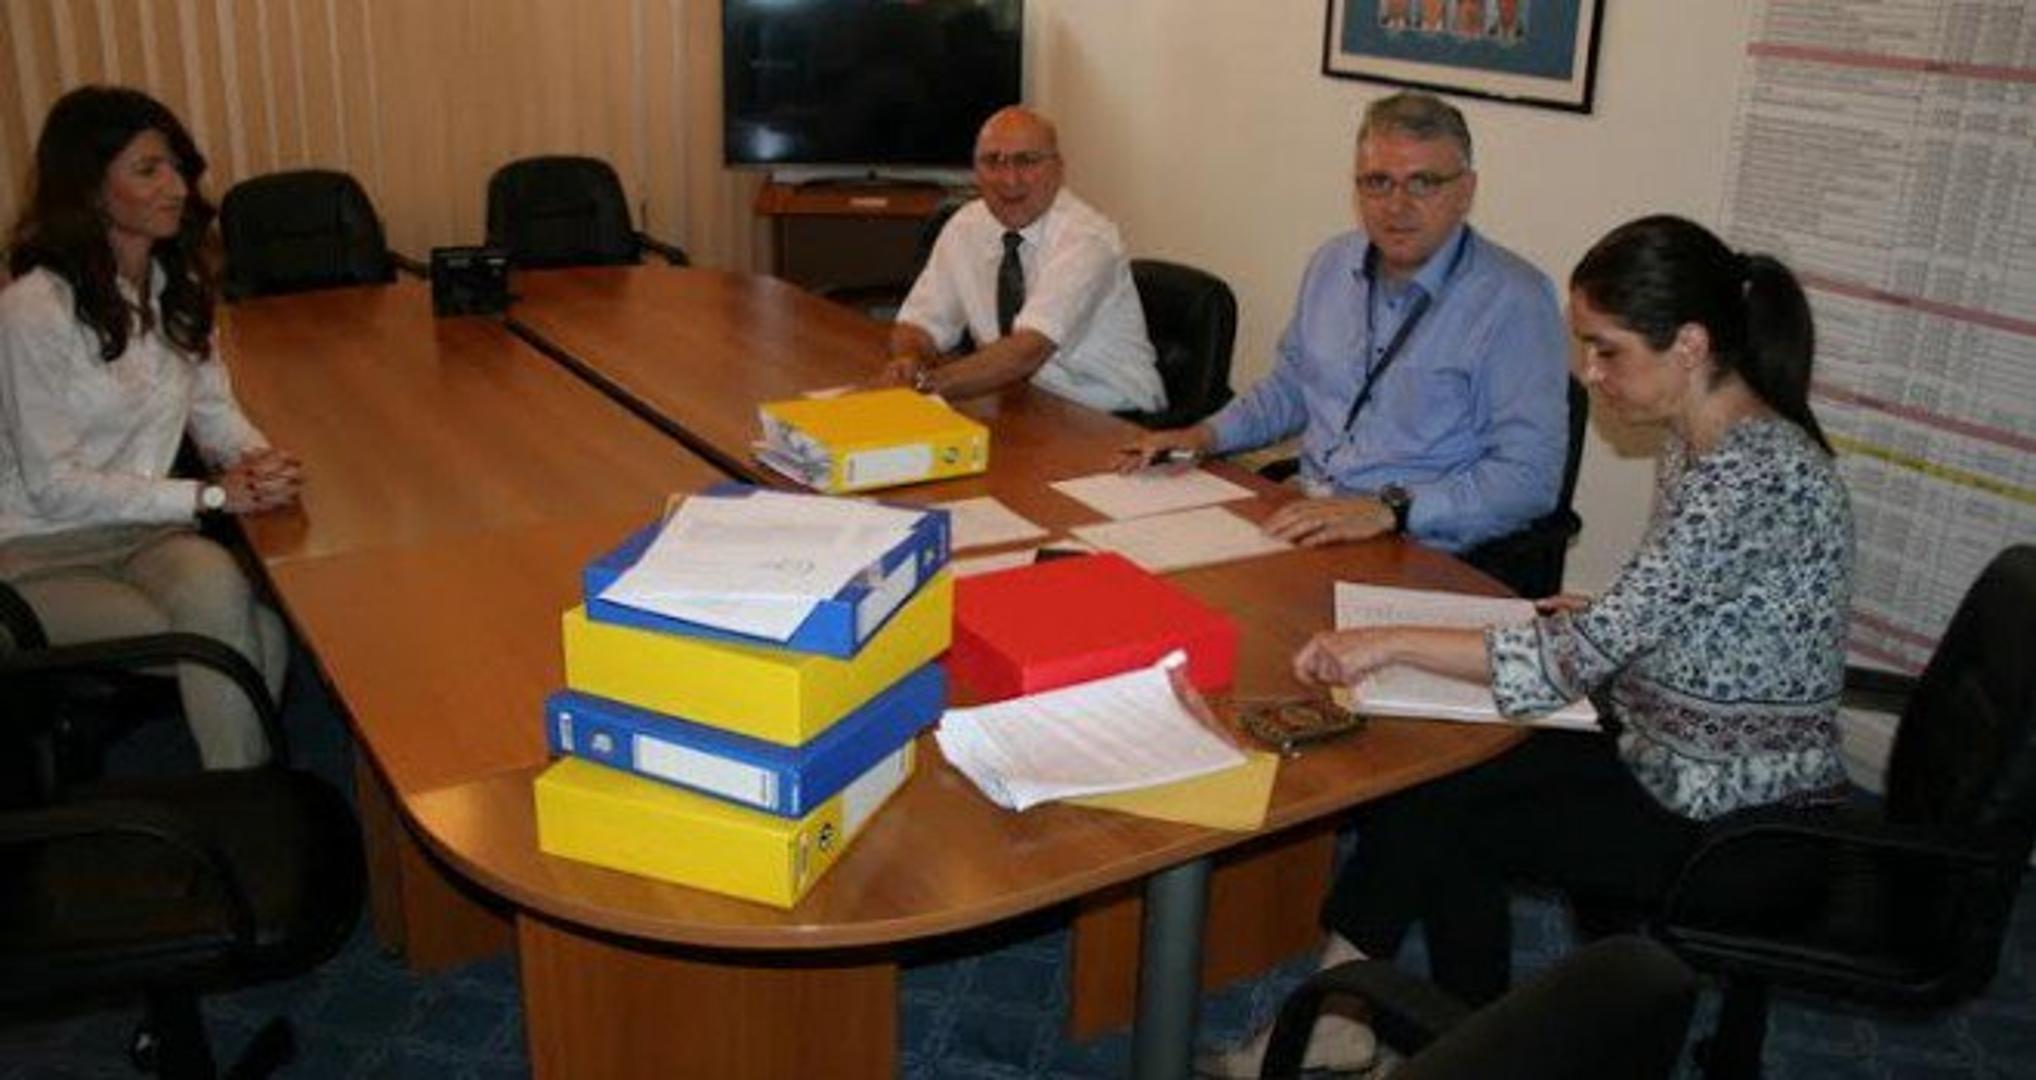 HDZ 1990, SBiH i SDS nisu skupili dovoljno potpisa za kandidaturu na izborima, SIP im odredio nove rokove